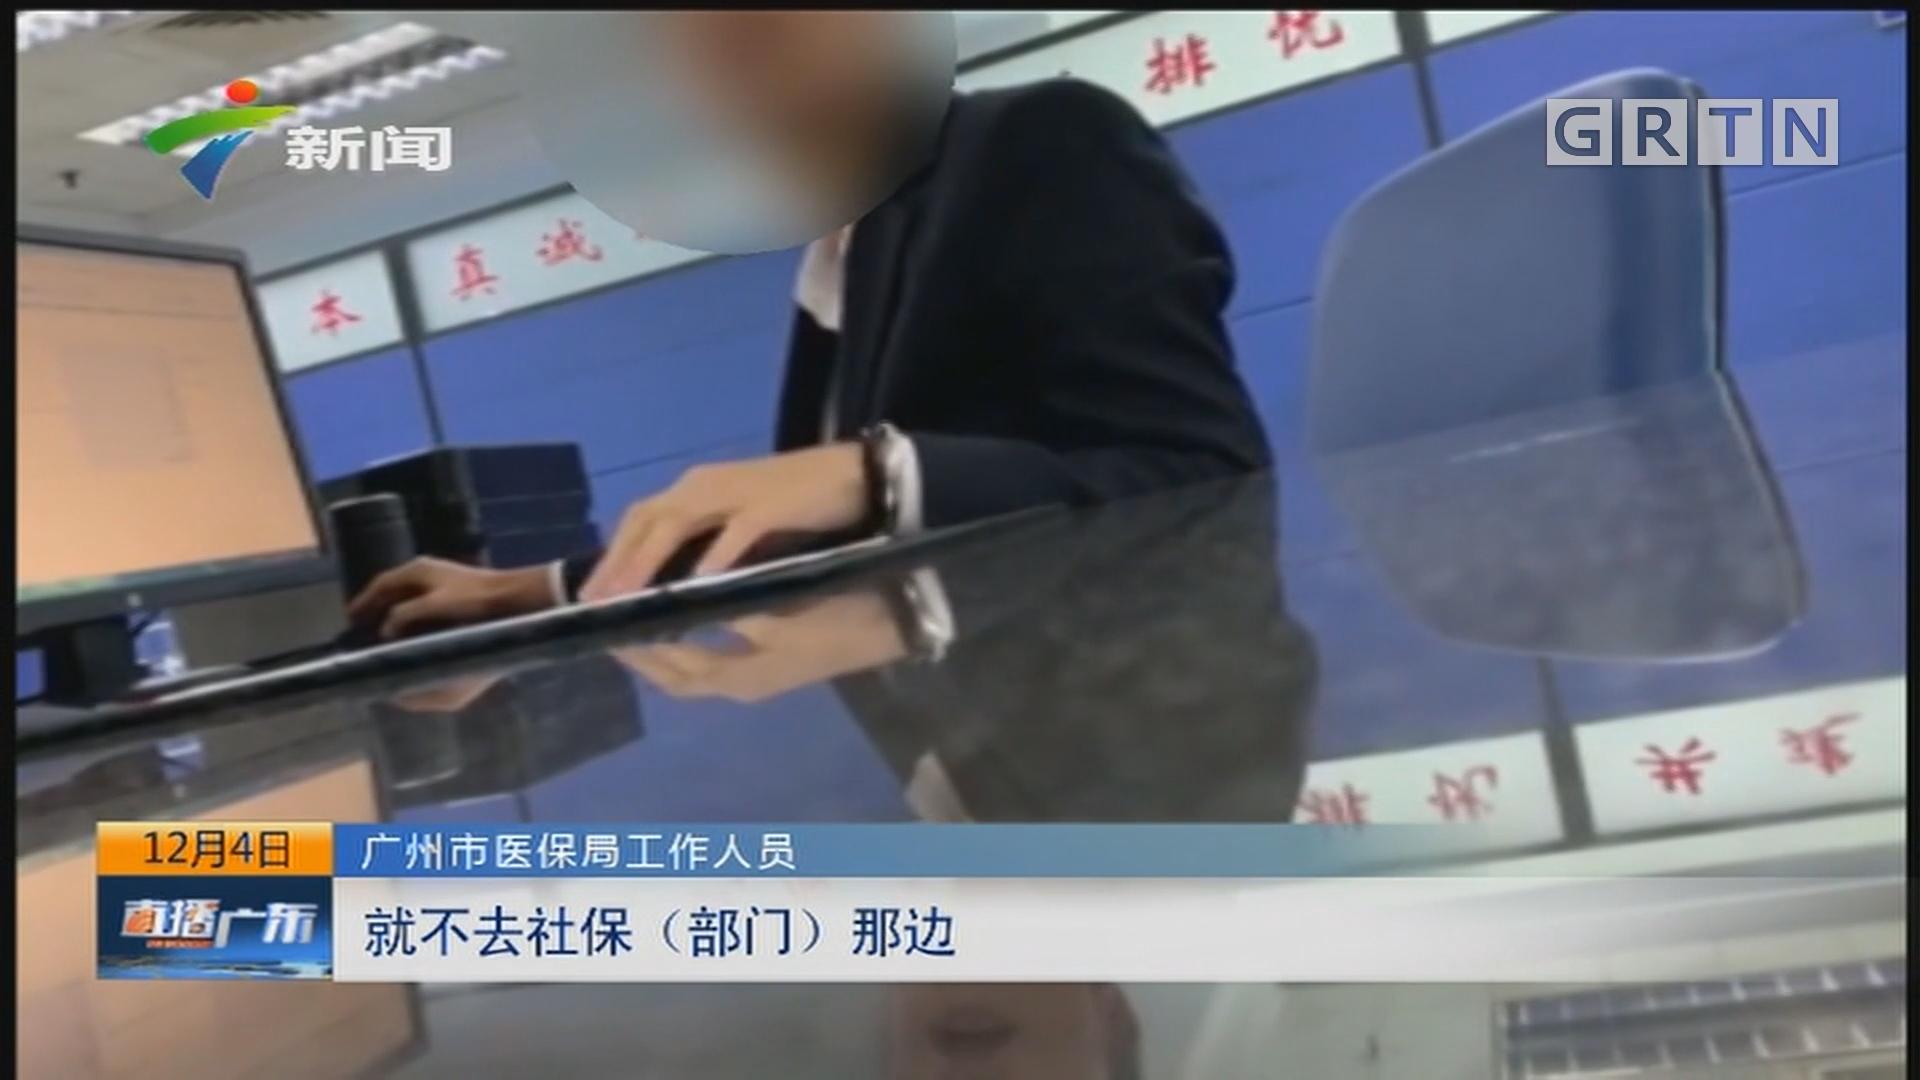 广东:生育保险和职工医保合并 女性生育待遇不变